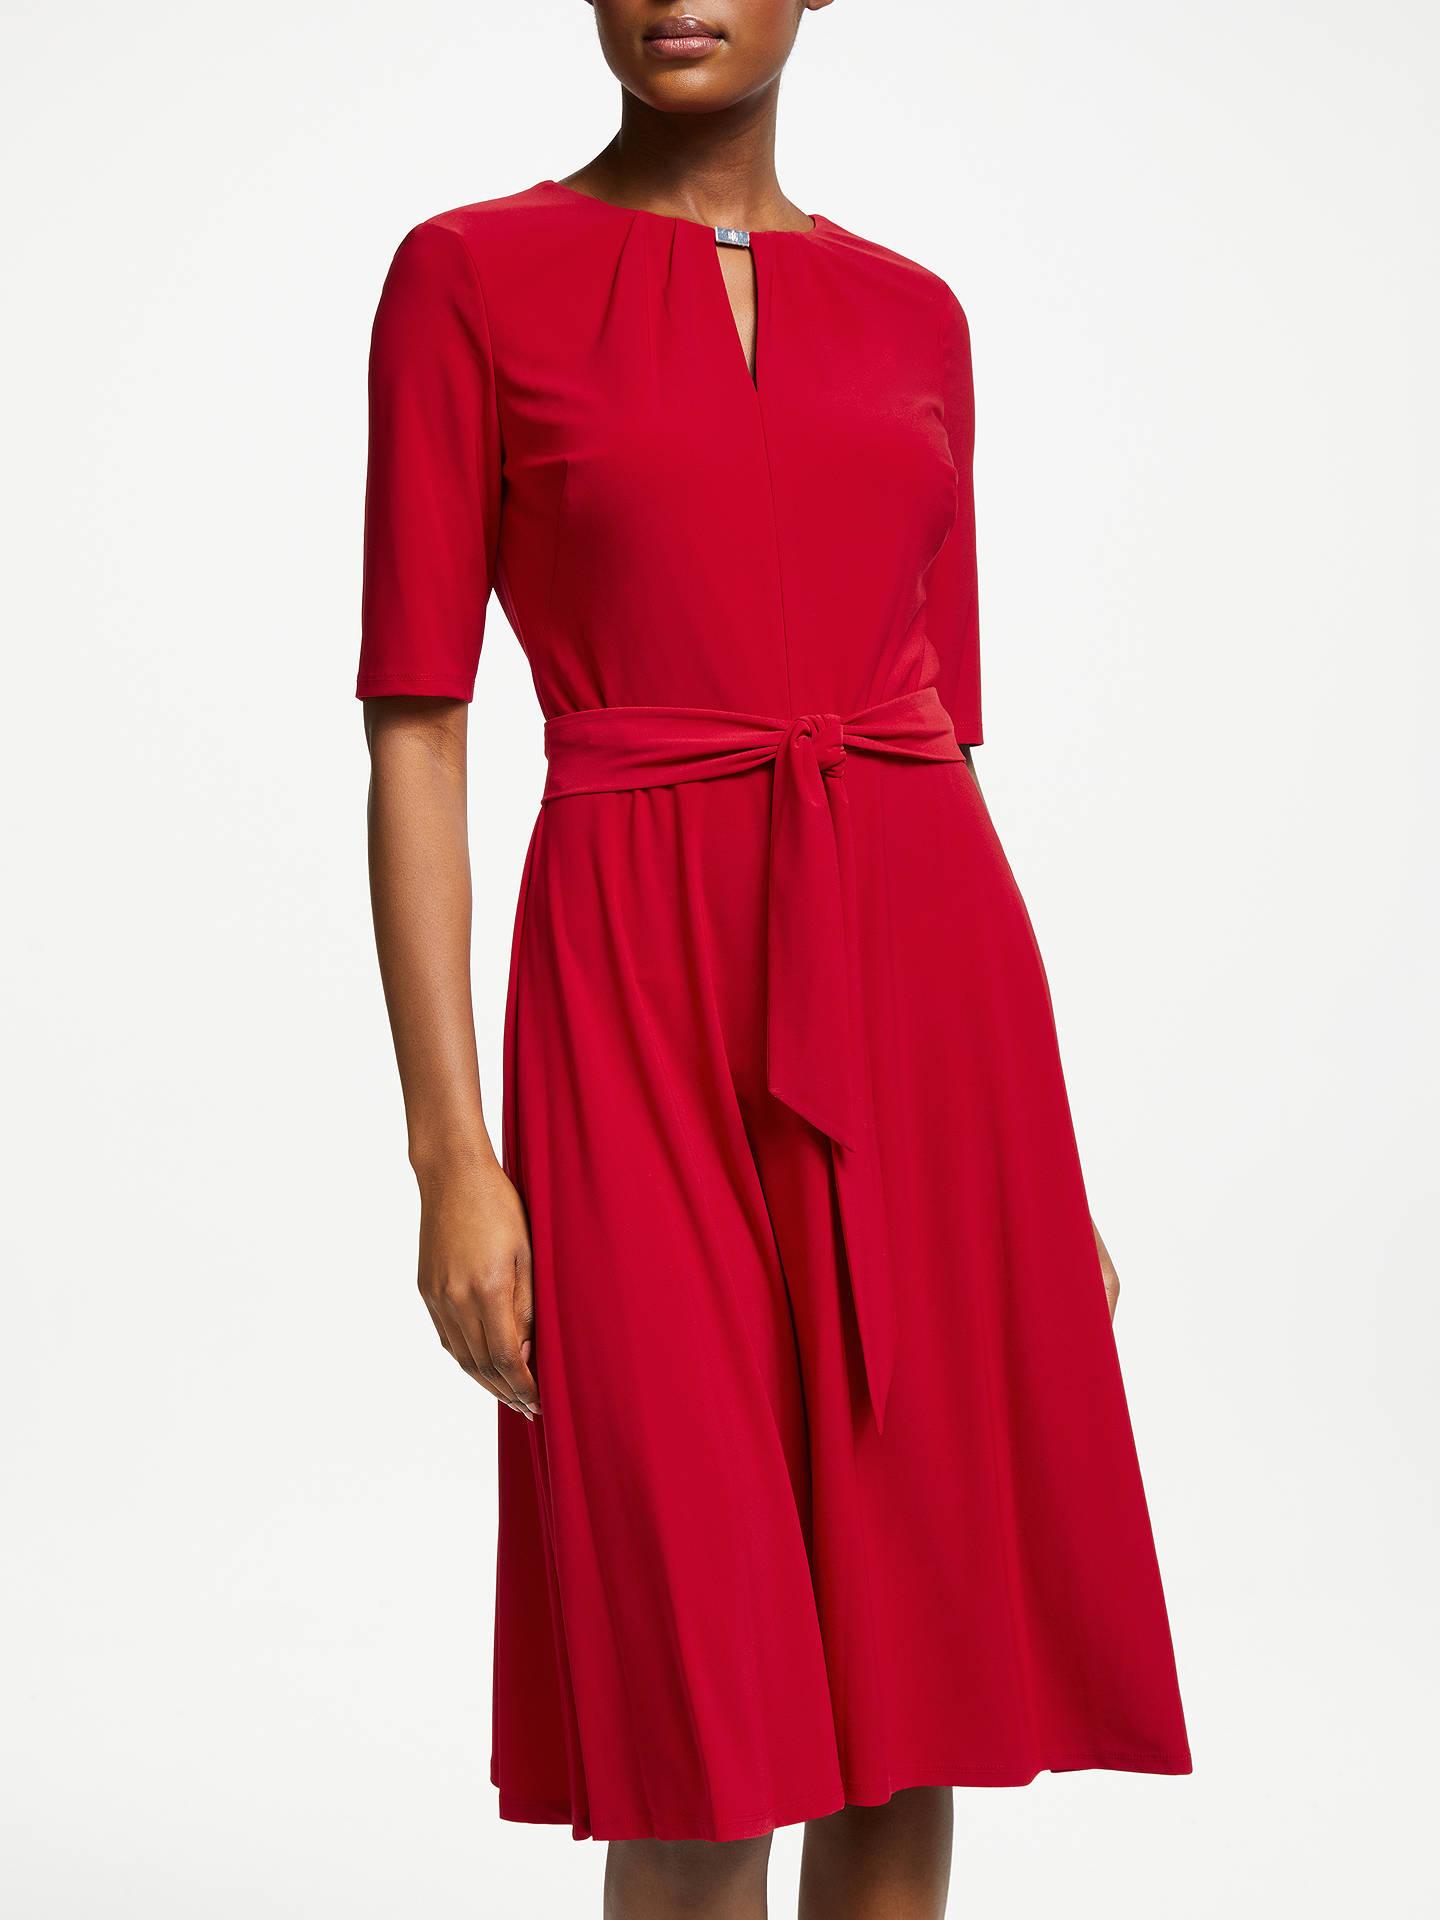 41645dbb25c Buy Lauren Ralph Lauren Chicky Dress